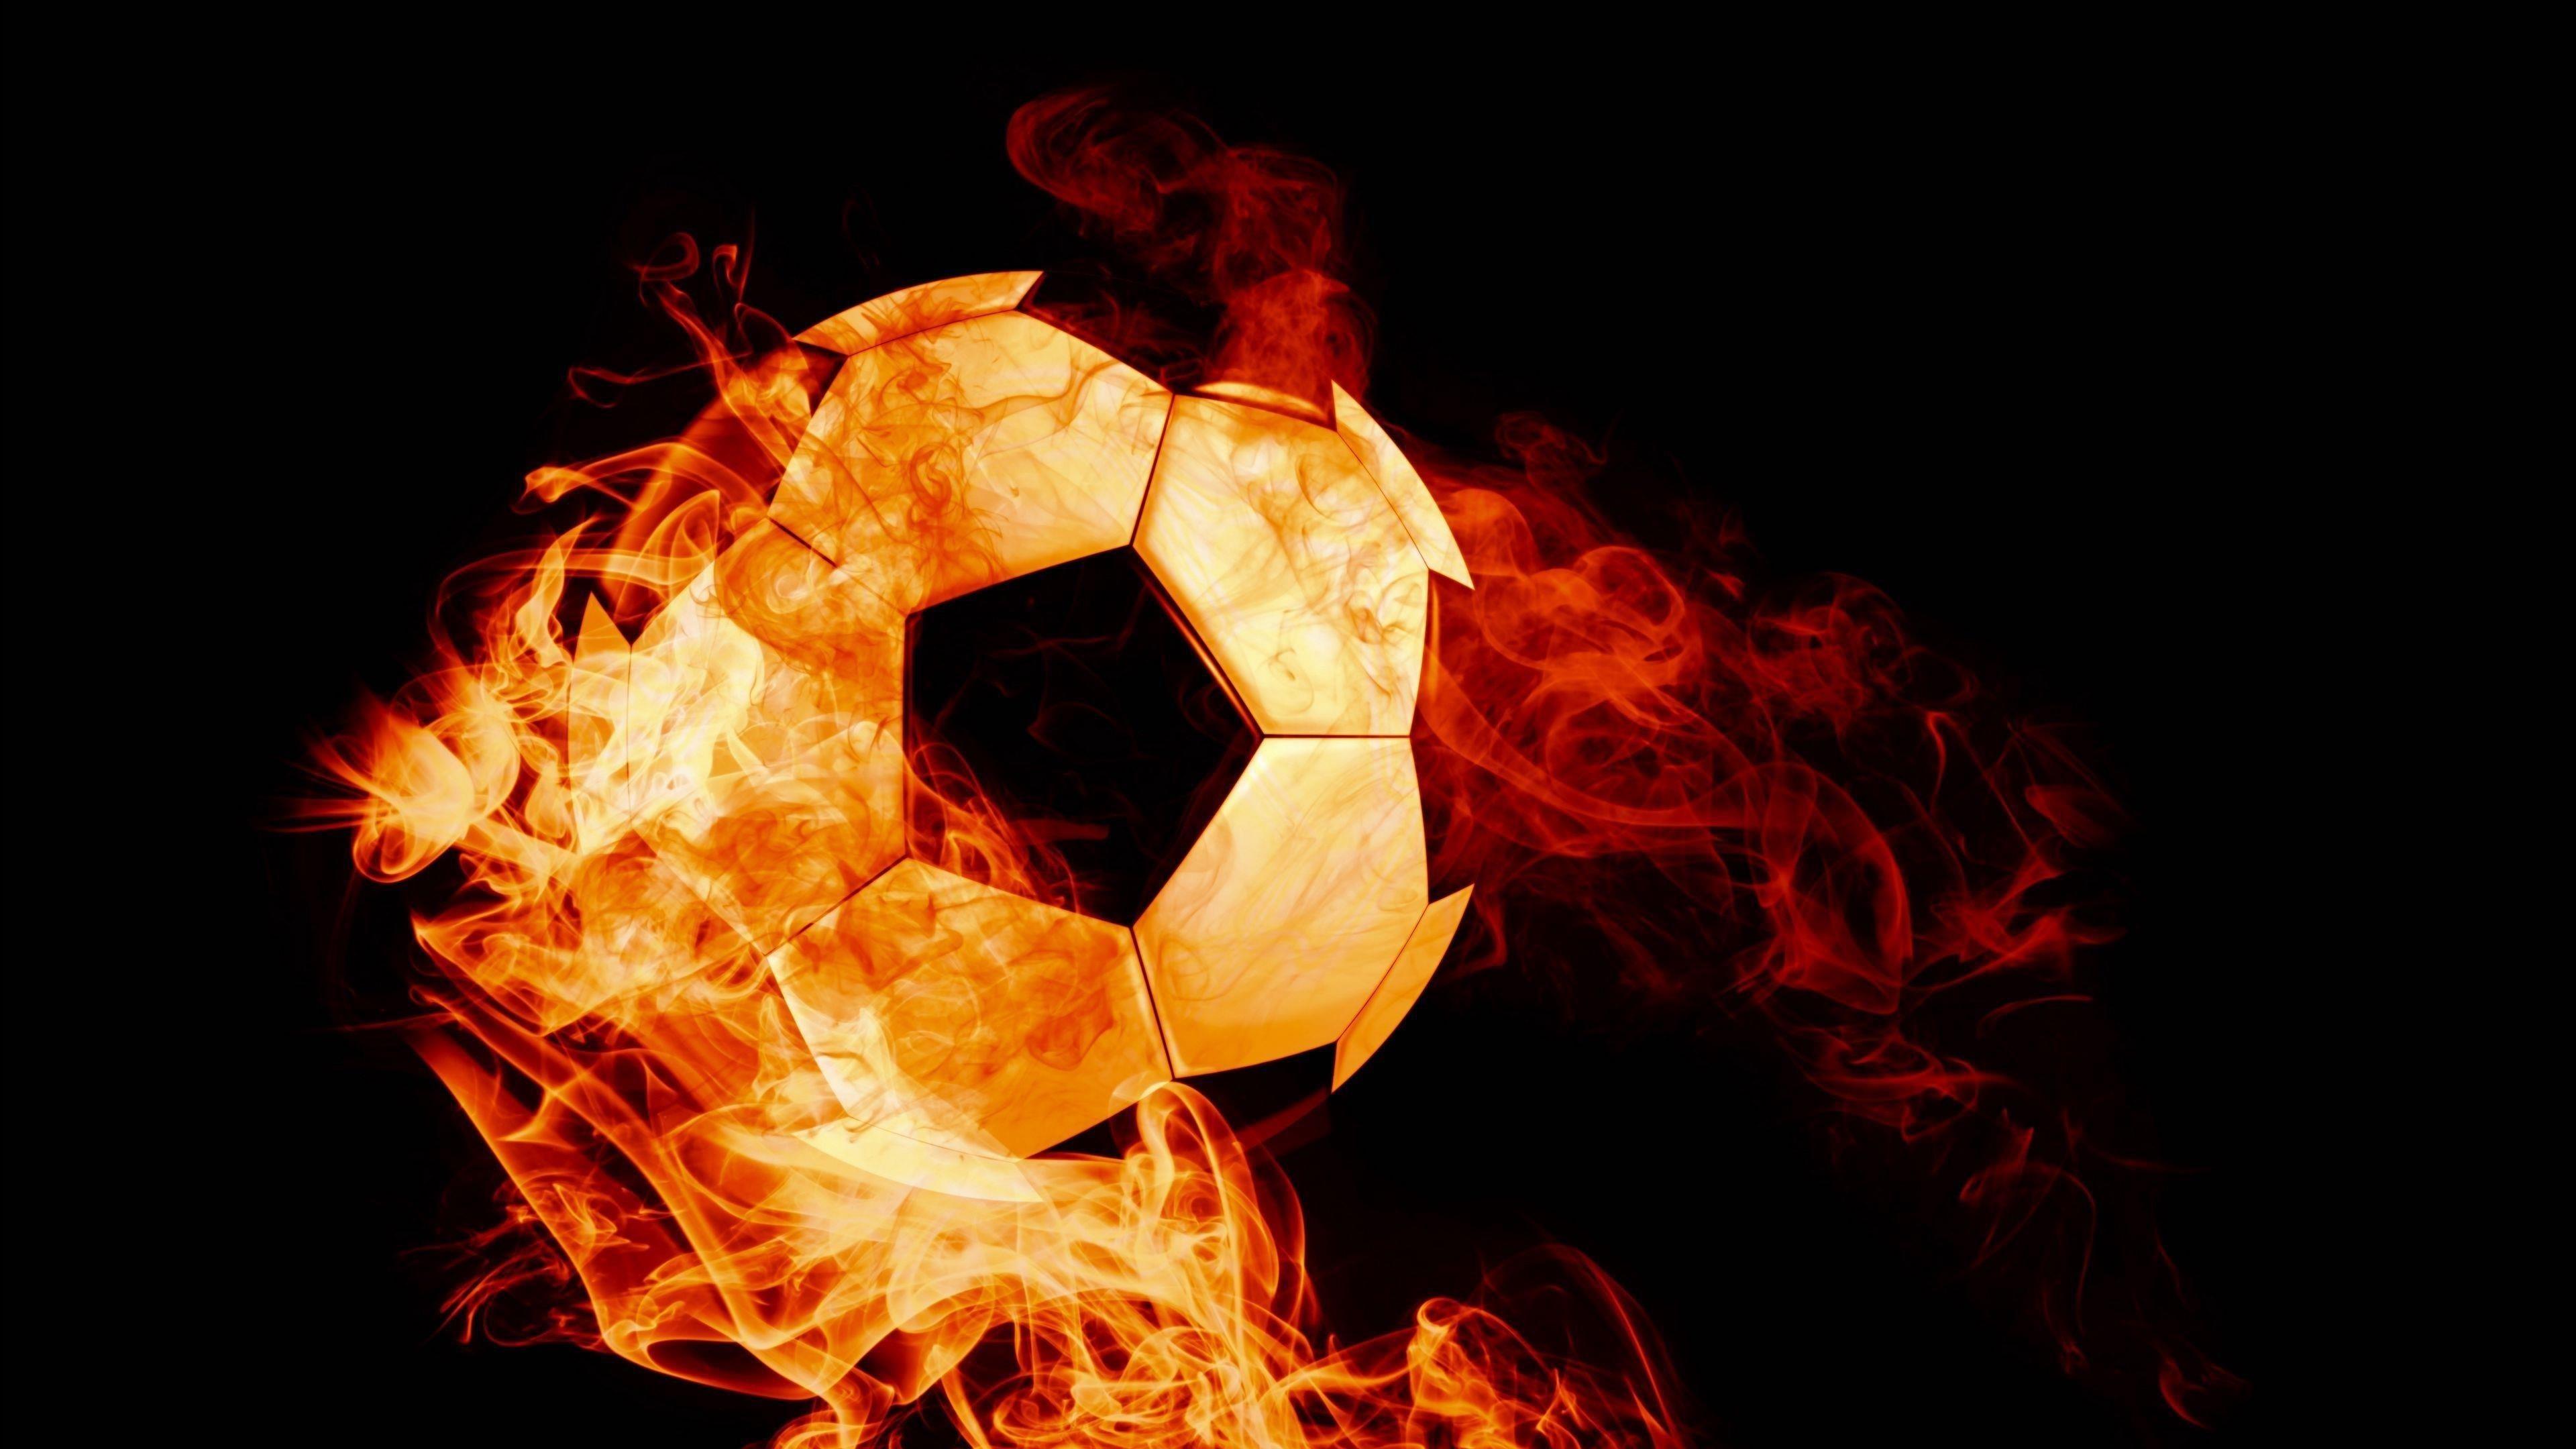 Шар огненный футбол темном фоне пламени обои скачать